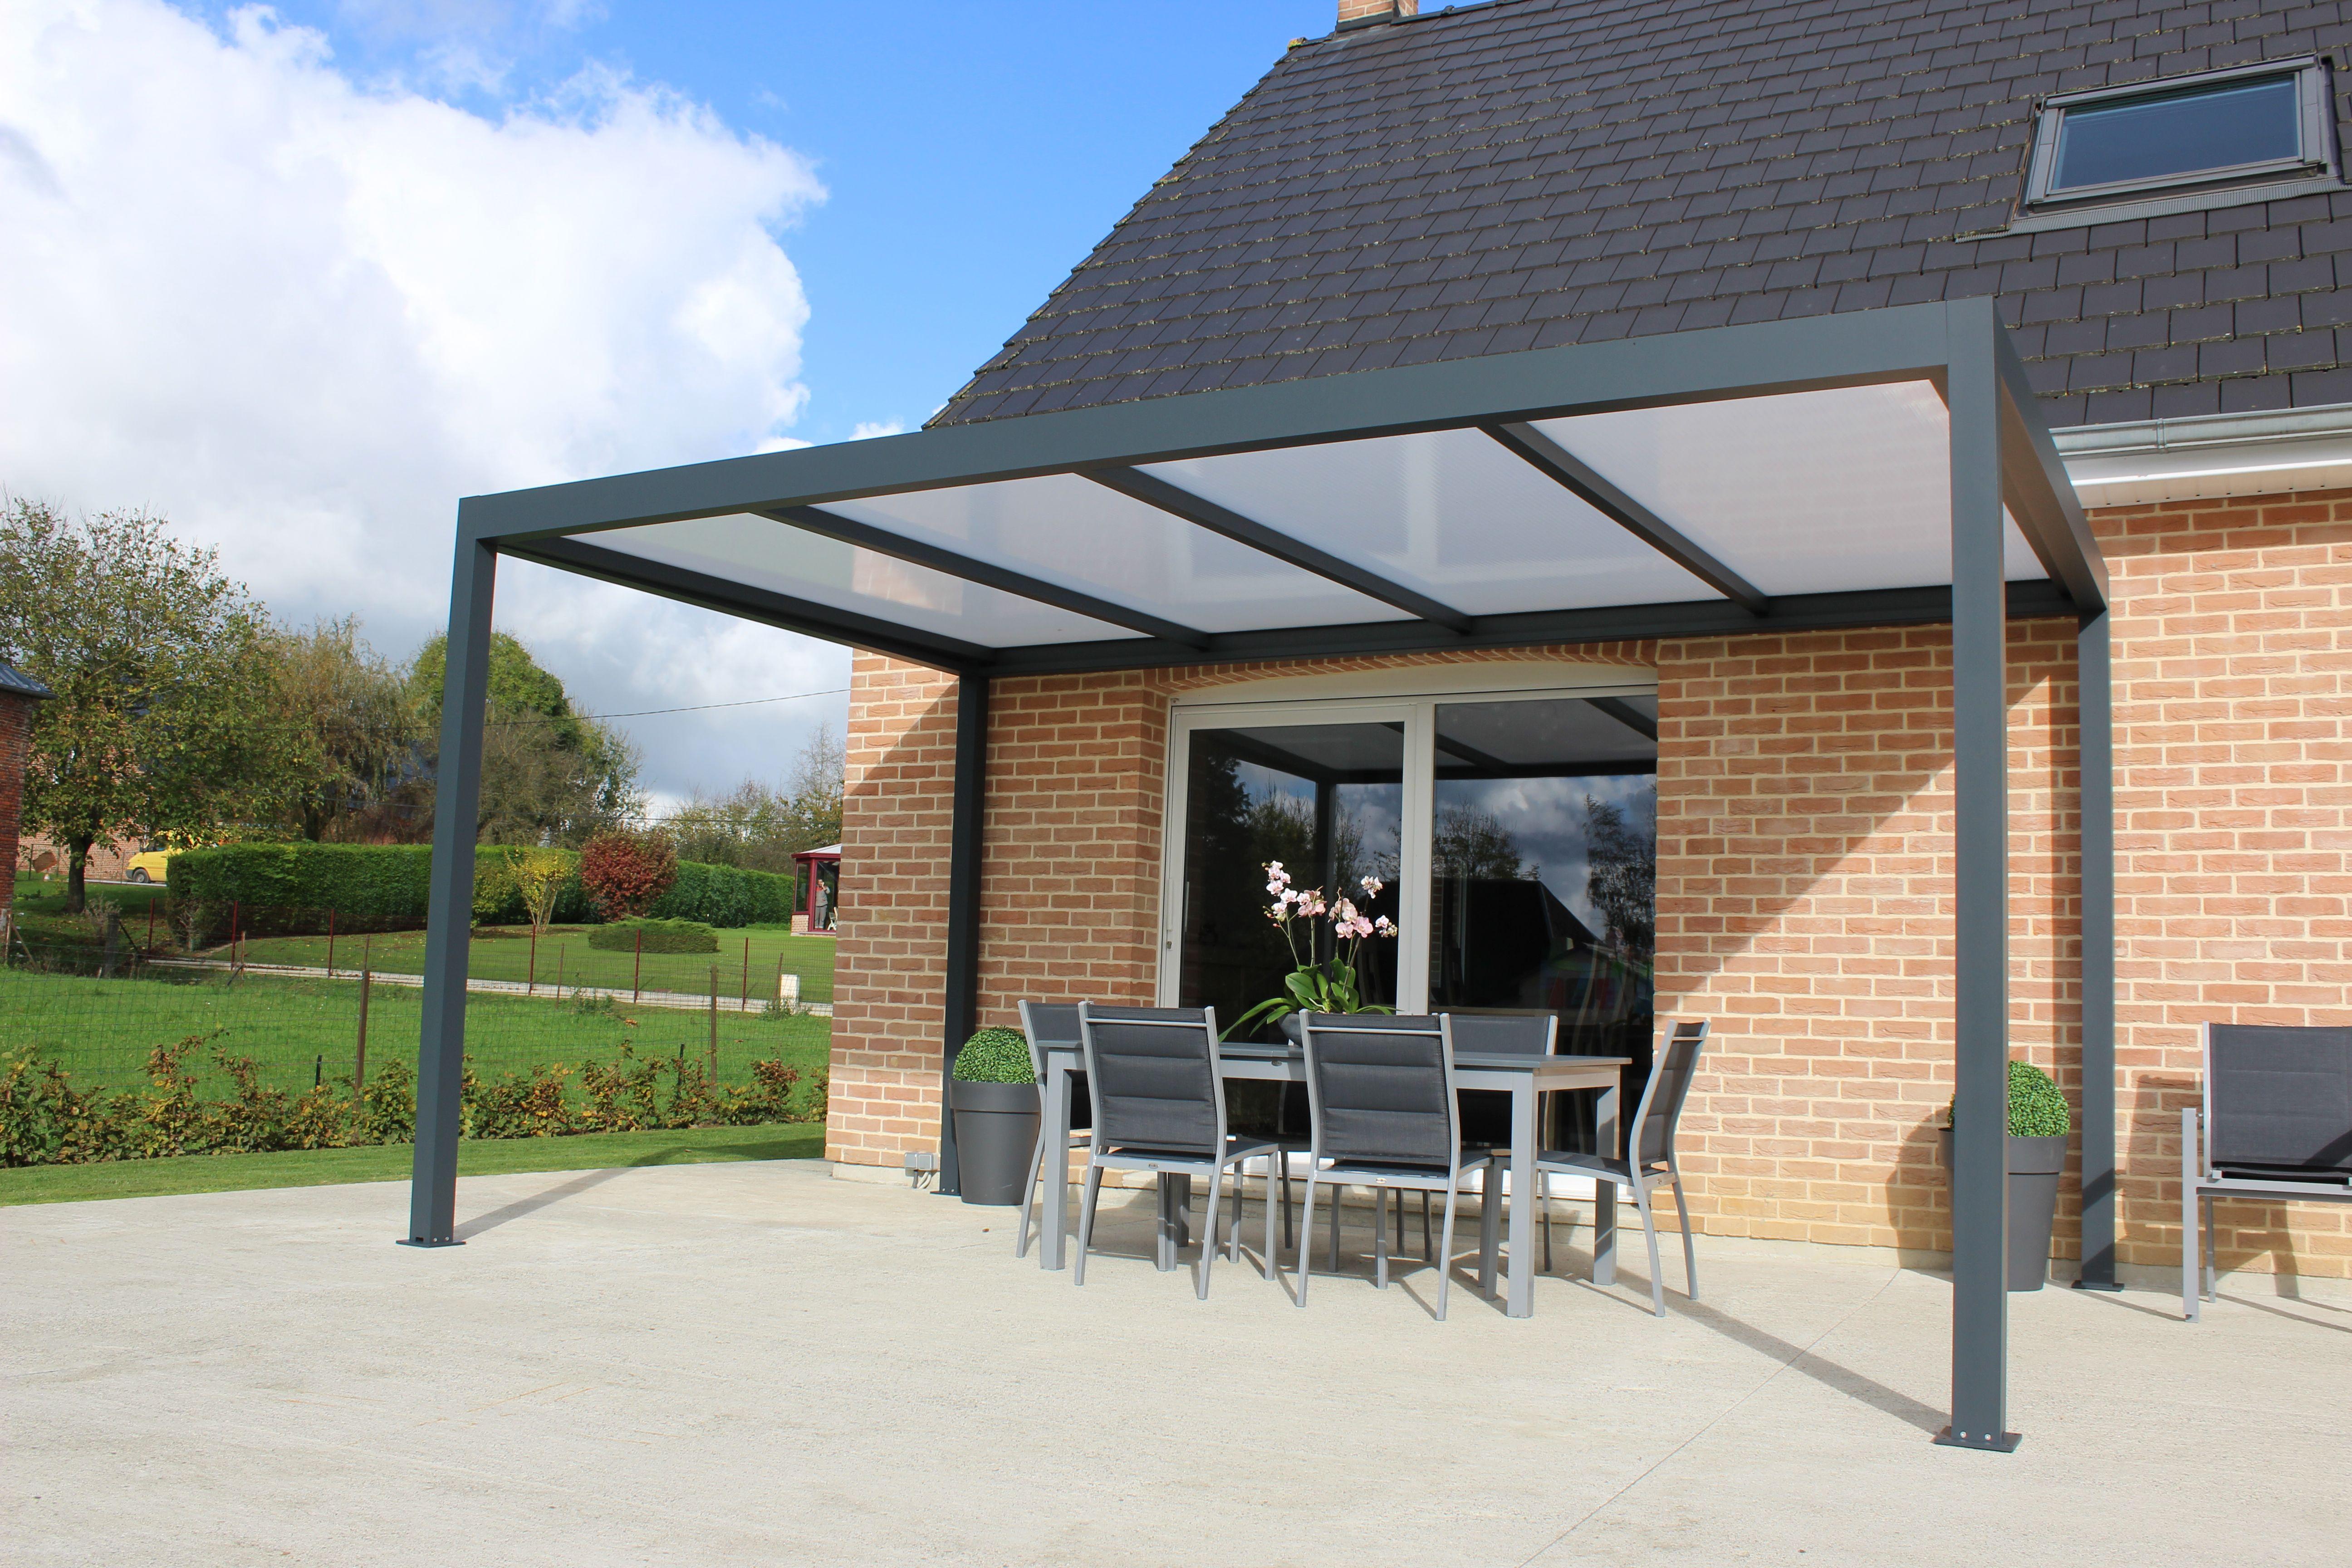 Pergola En Aluminium Toit Terrasse (Polycarbonate)   Pergola pour Toit Terrasse Aluminium